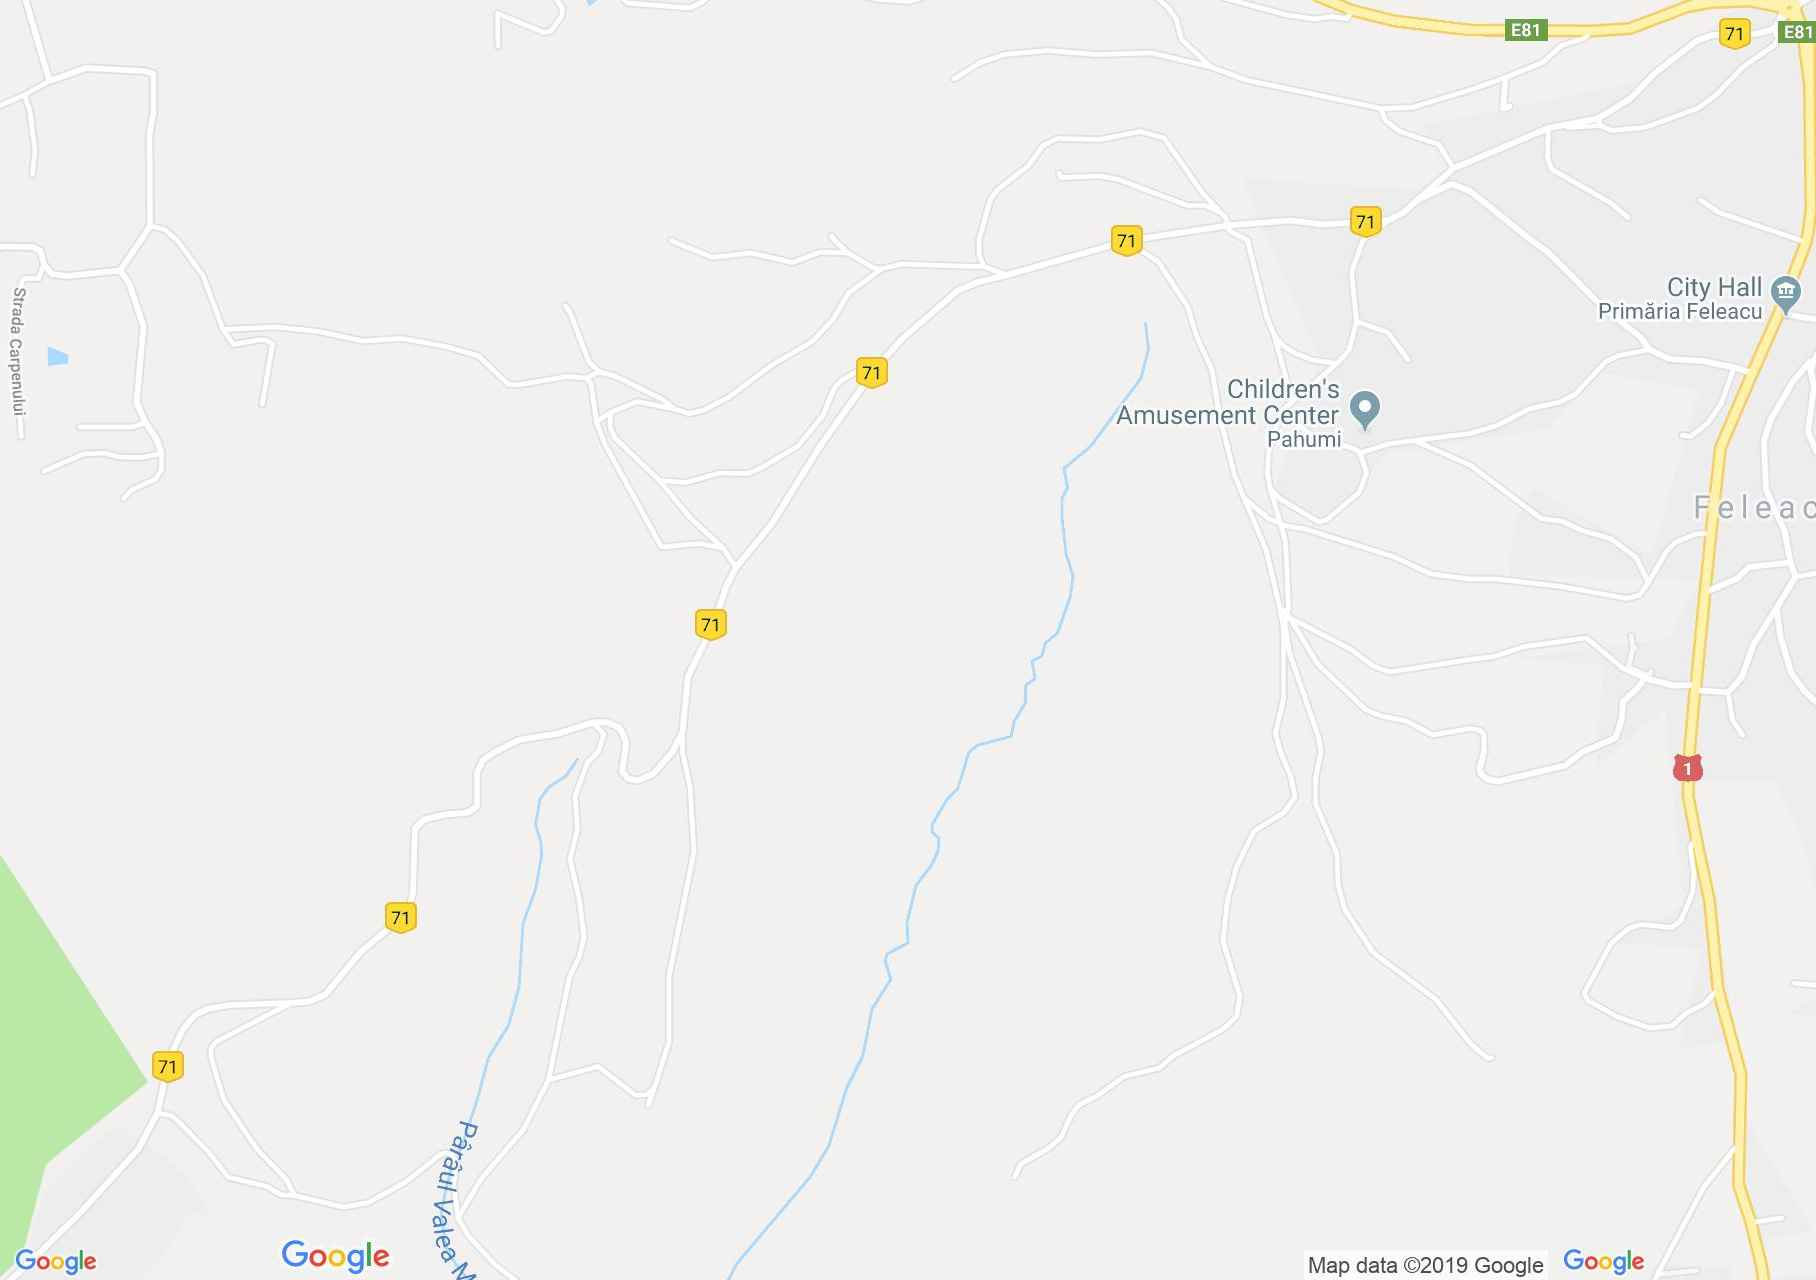 Map of Feleacu: Căprioara valley